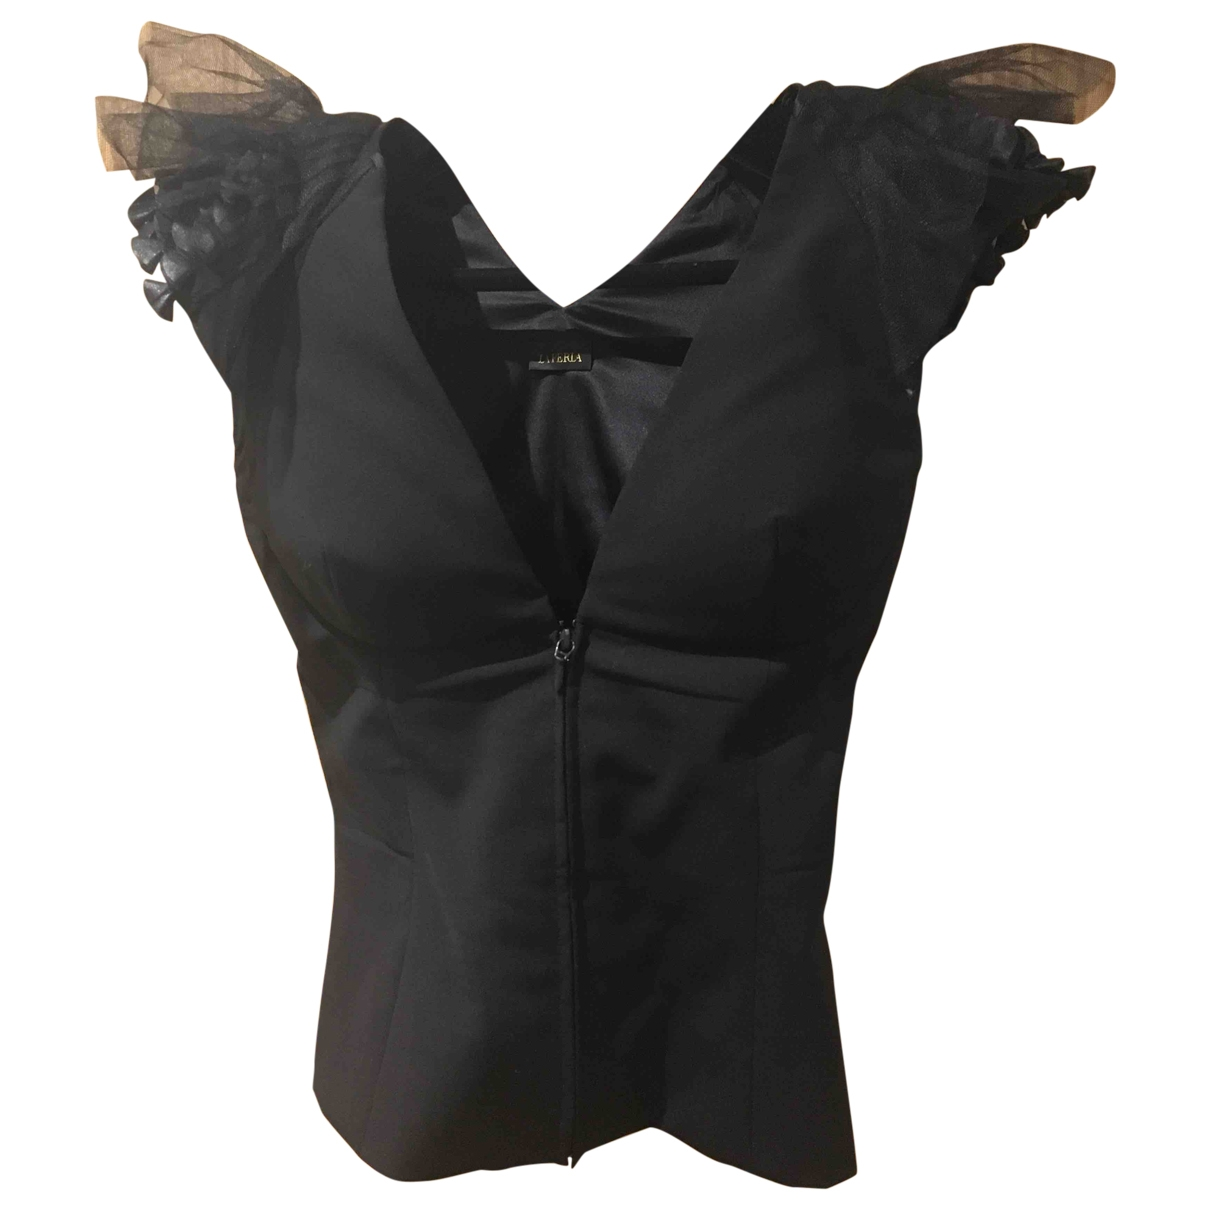 La Perla \N Black Wool  top for Women 36 IT